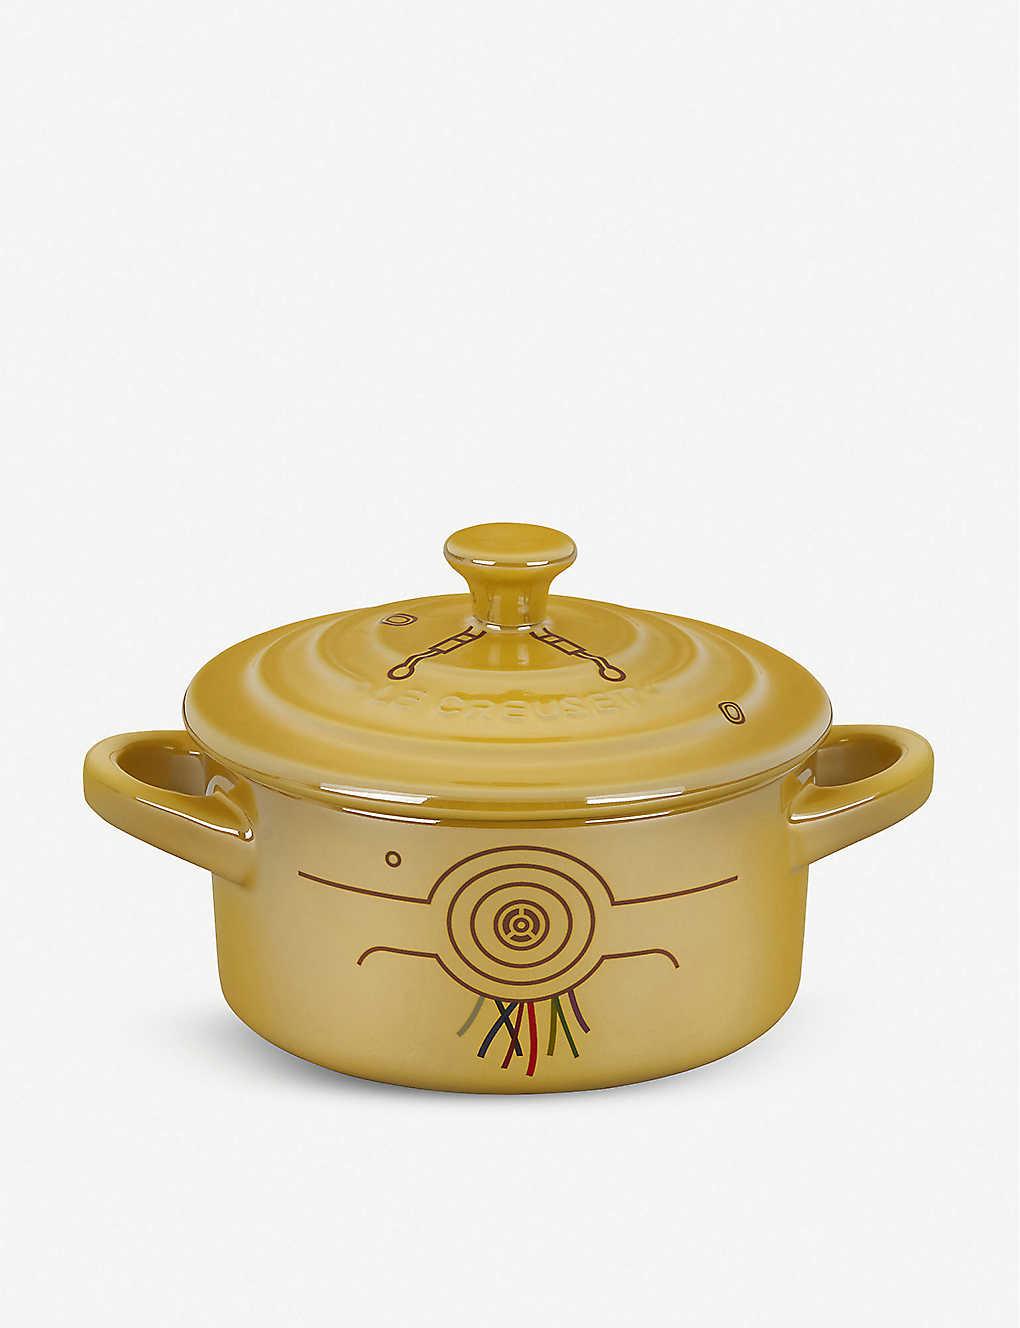 LE CREUSET: Le Creuset x Star Wars C-3PO stoneware cocotte dish 9cm